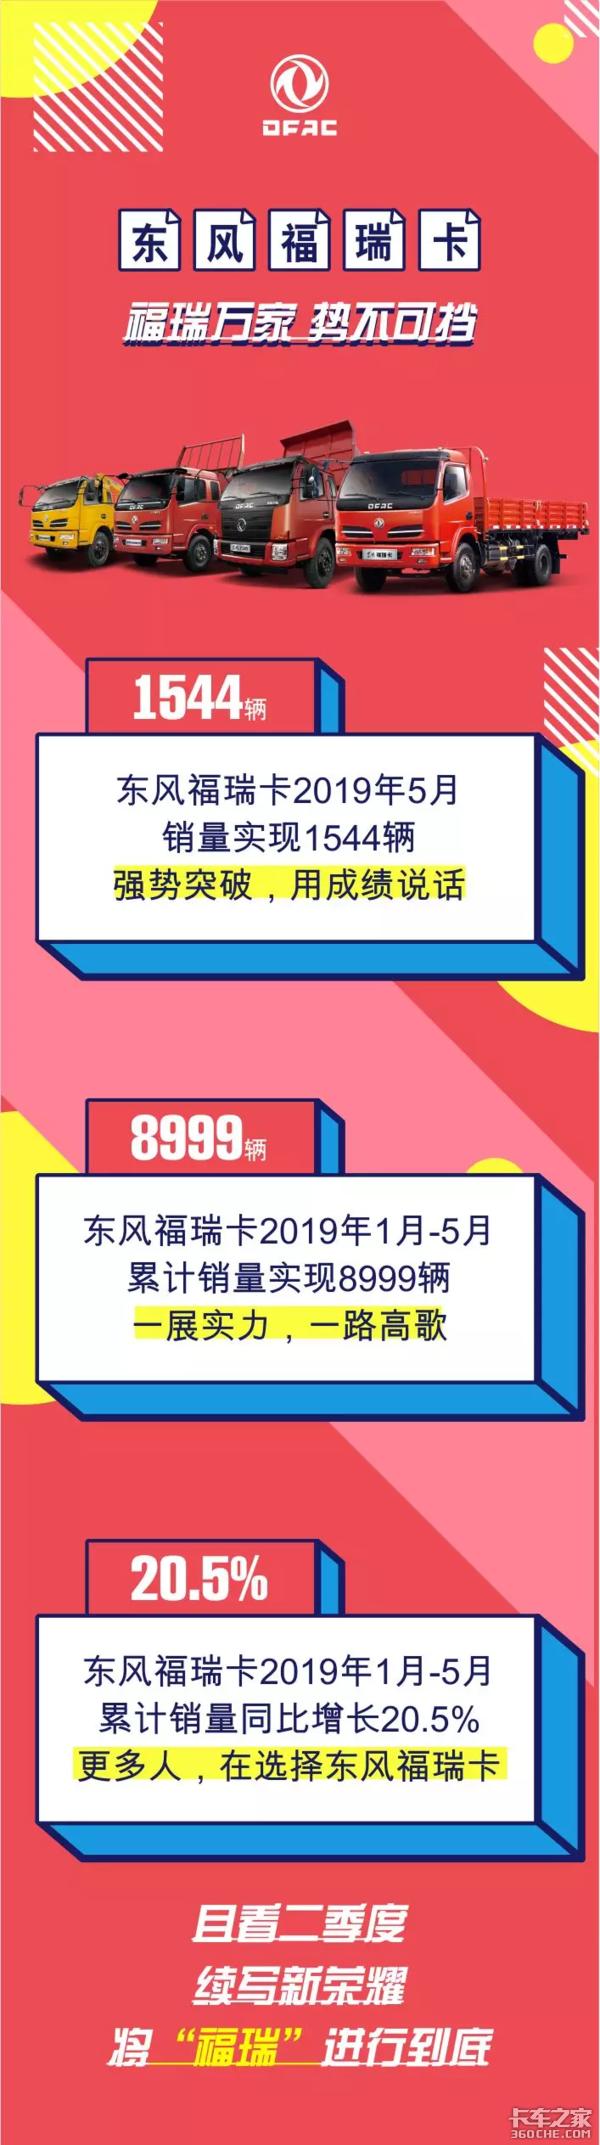 数据说话东风福瑞卡5月战绩势不可挡!